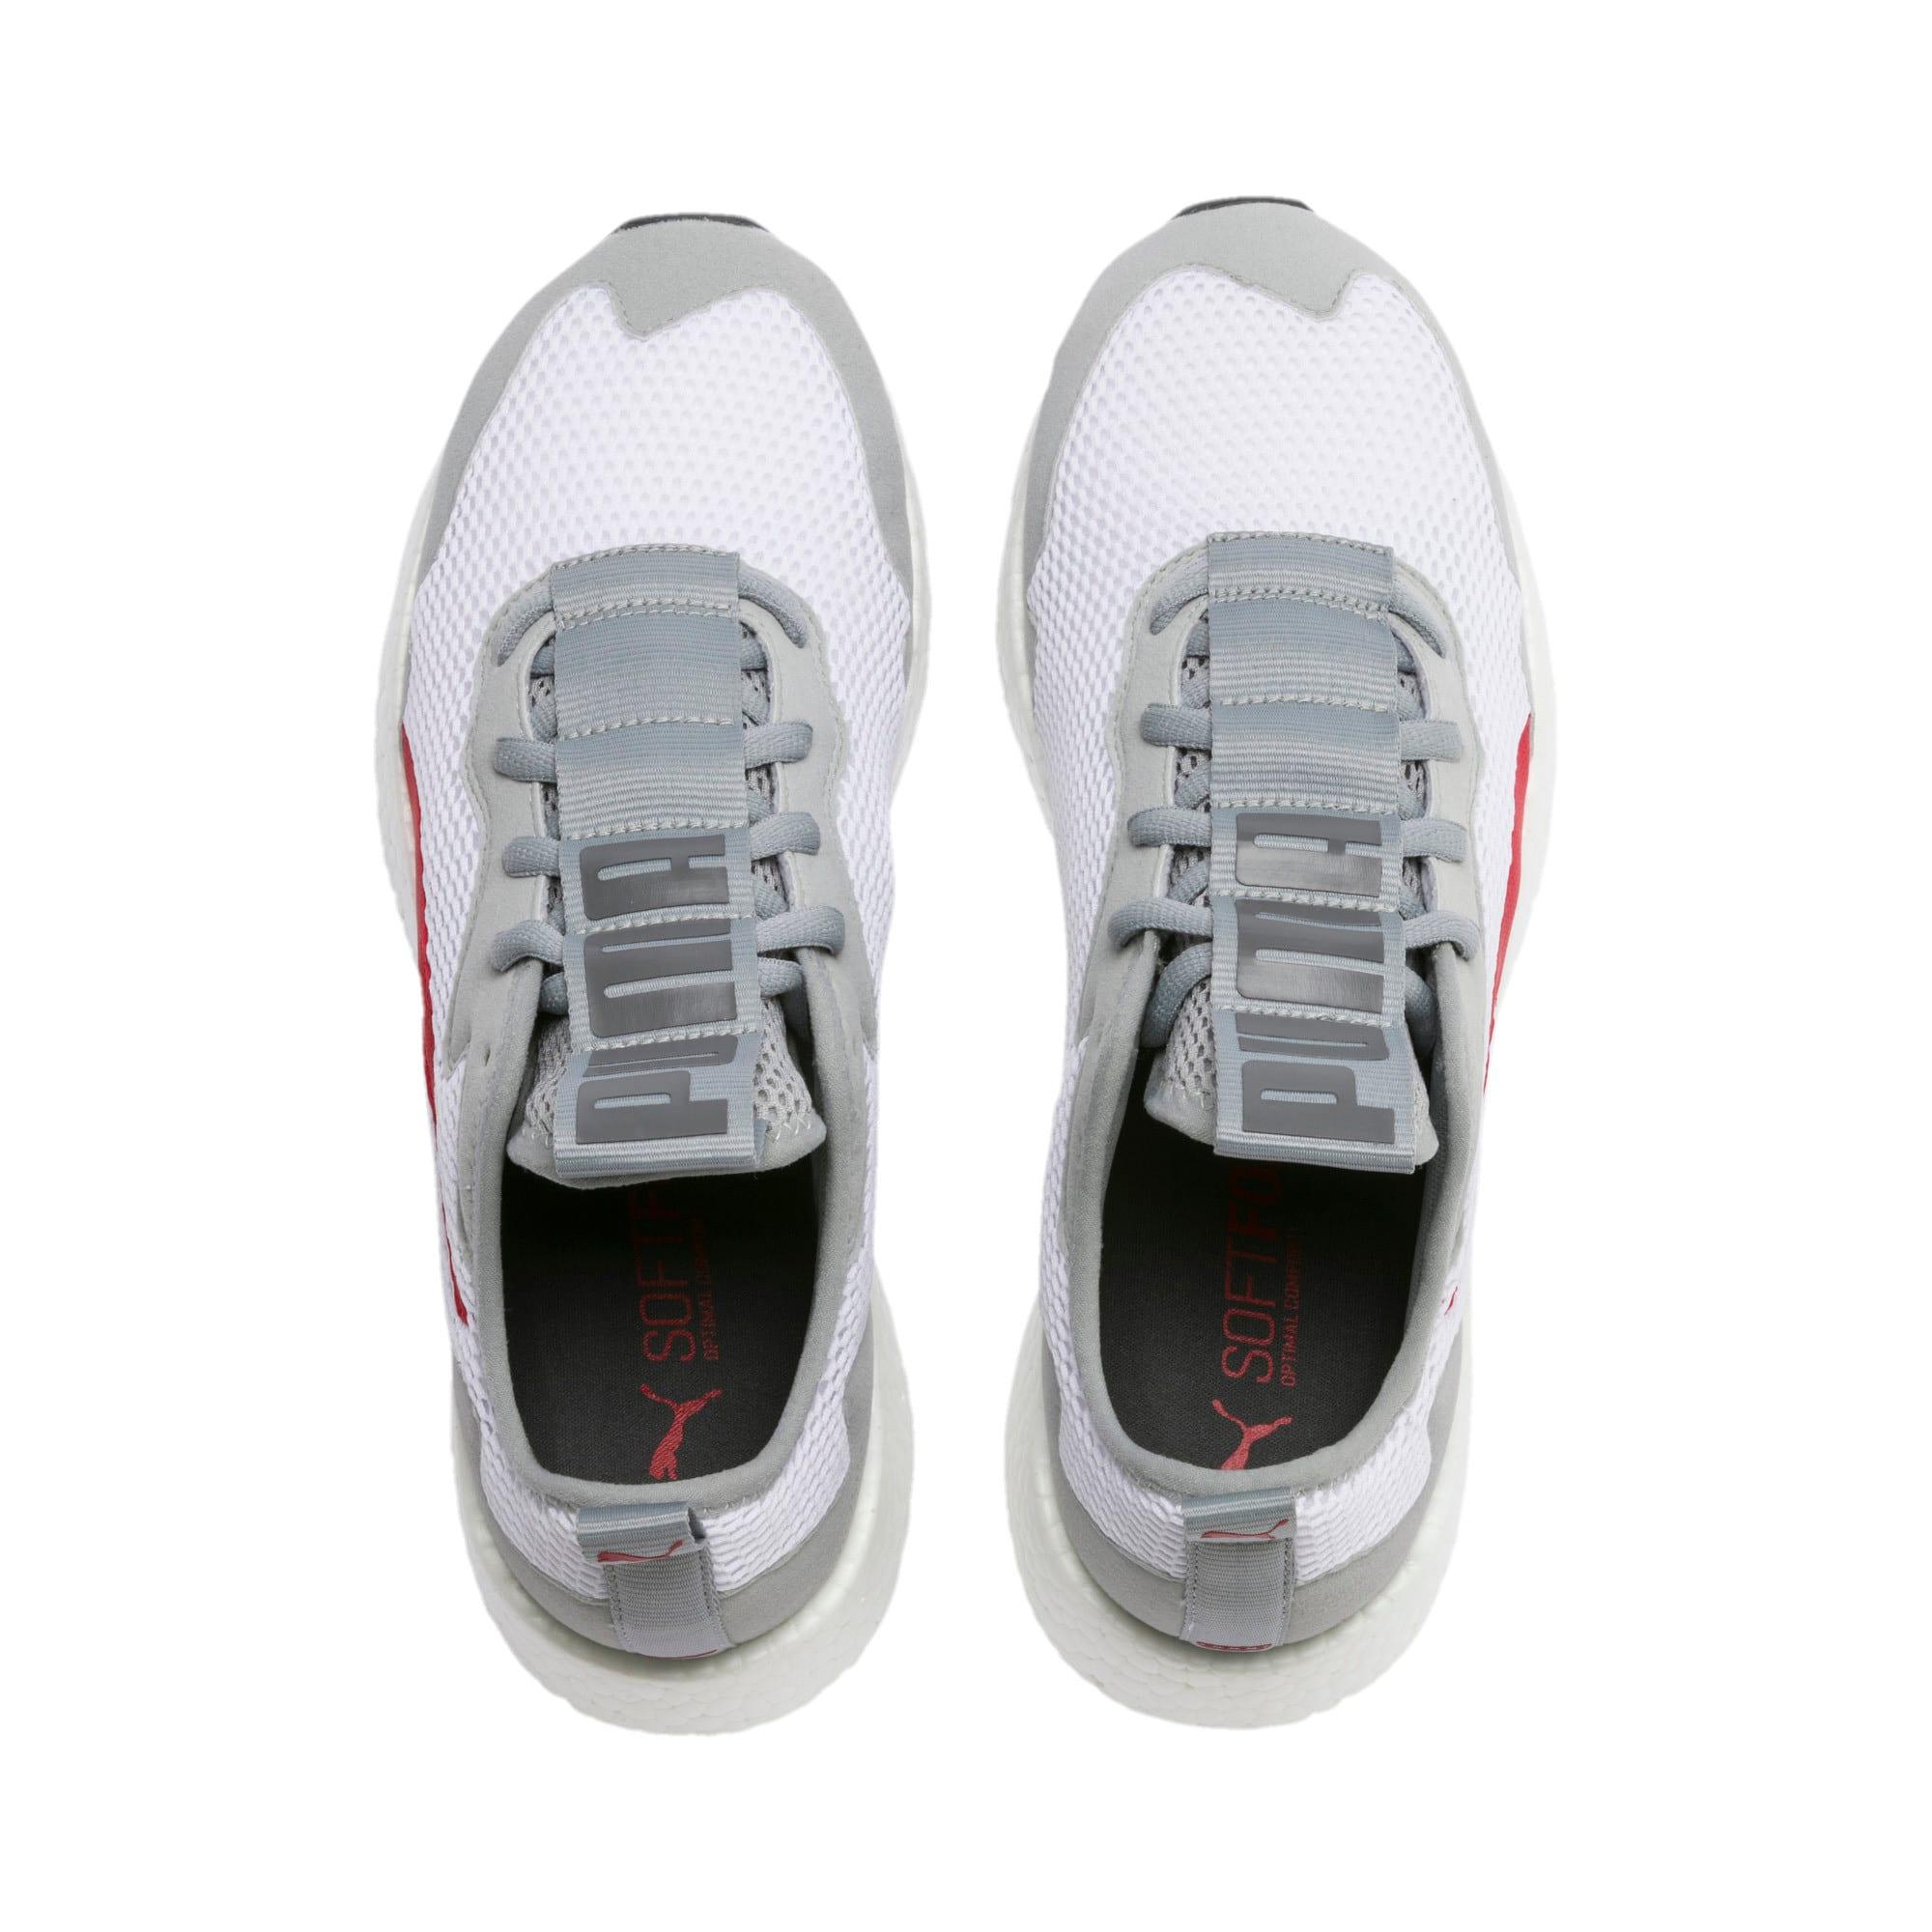 Thumbnail 7 of NRGY Neko Skim Men's Running Shoes, High Rise-High Risk Red, medium